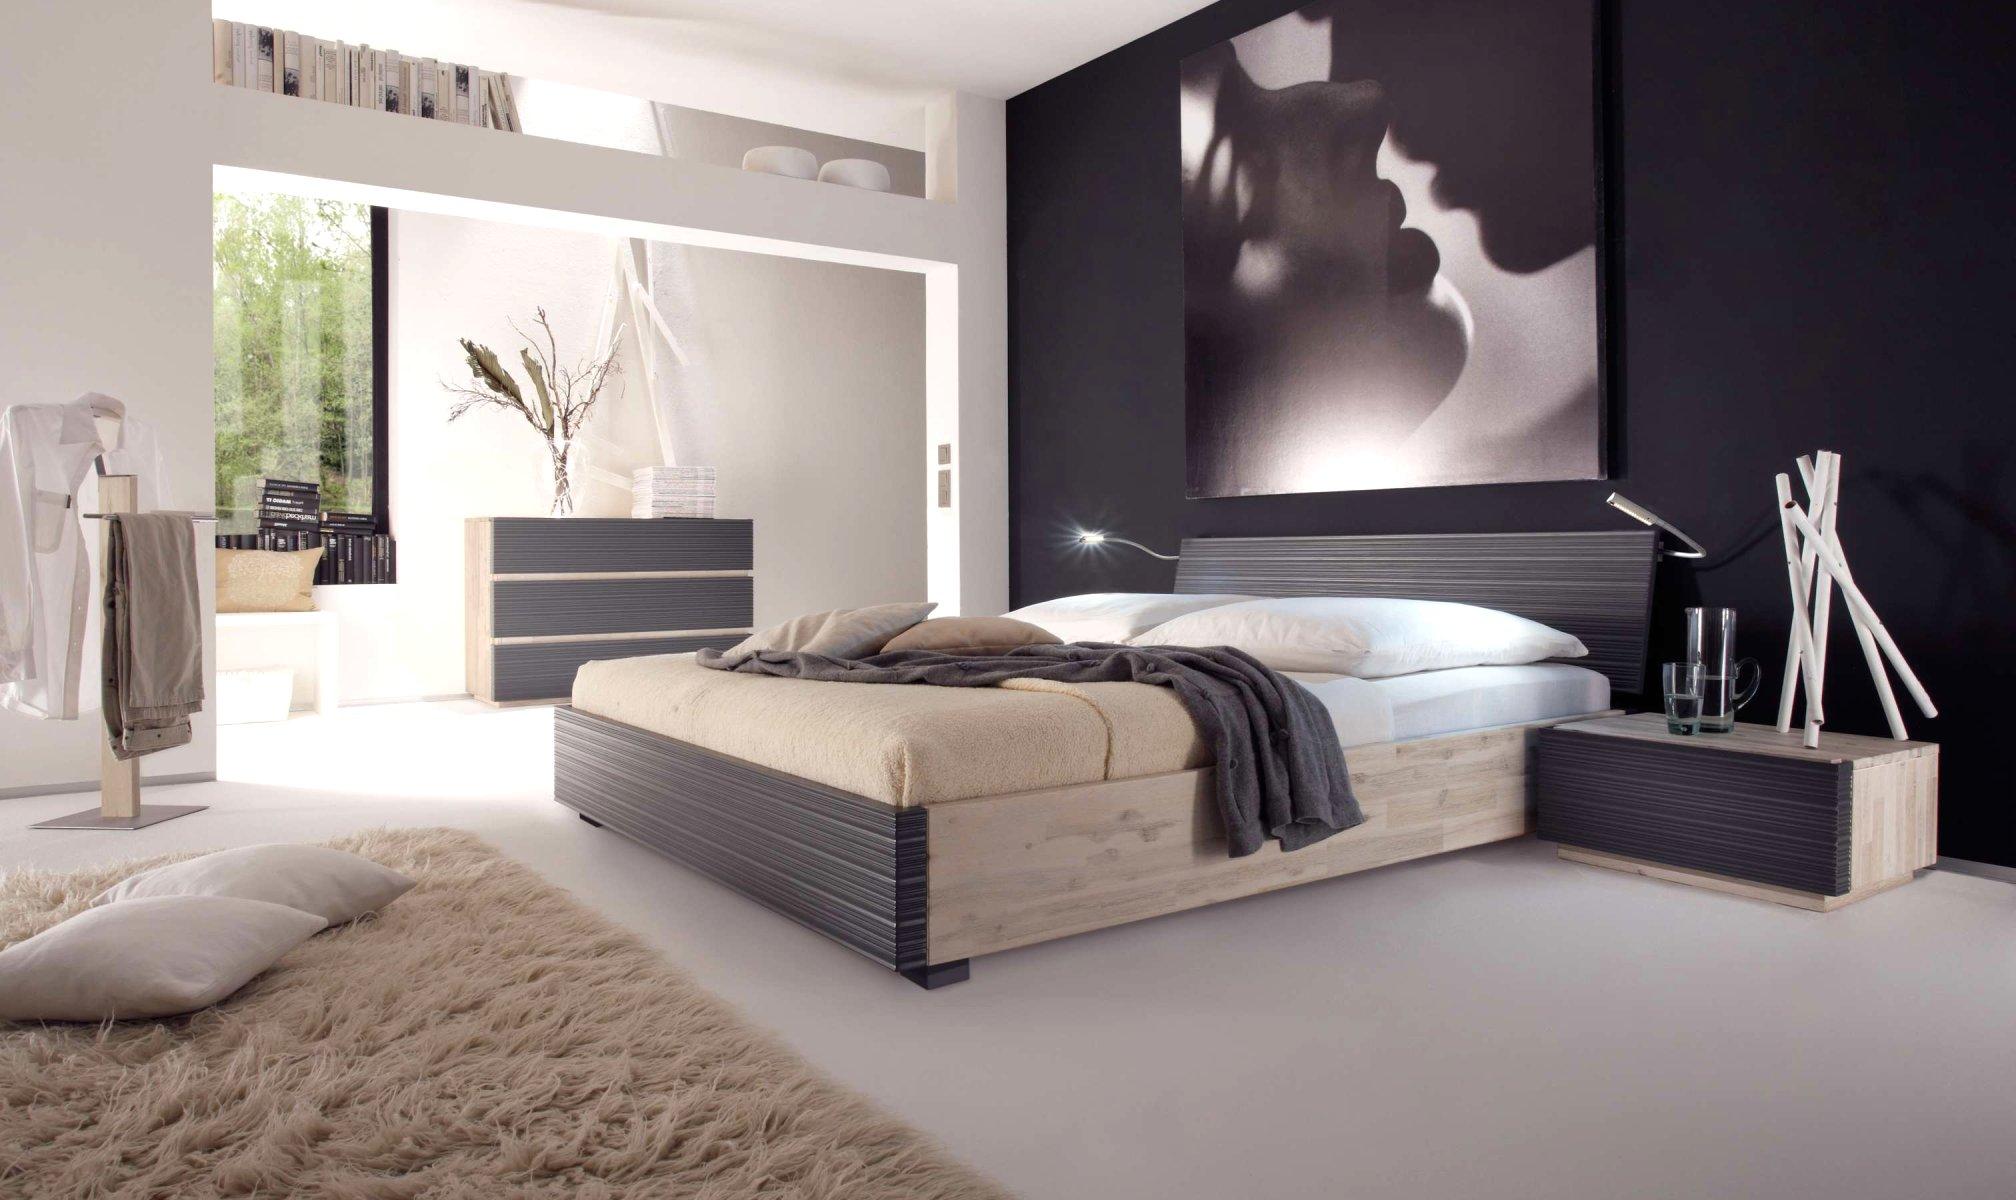 coast line mico kt surva 140 x 200 220 200 x 200 220 cm wasserbettmatratzen und gelmatratzen. Black Bedroom Furniture Sets. Home Design Ideas